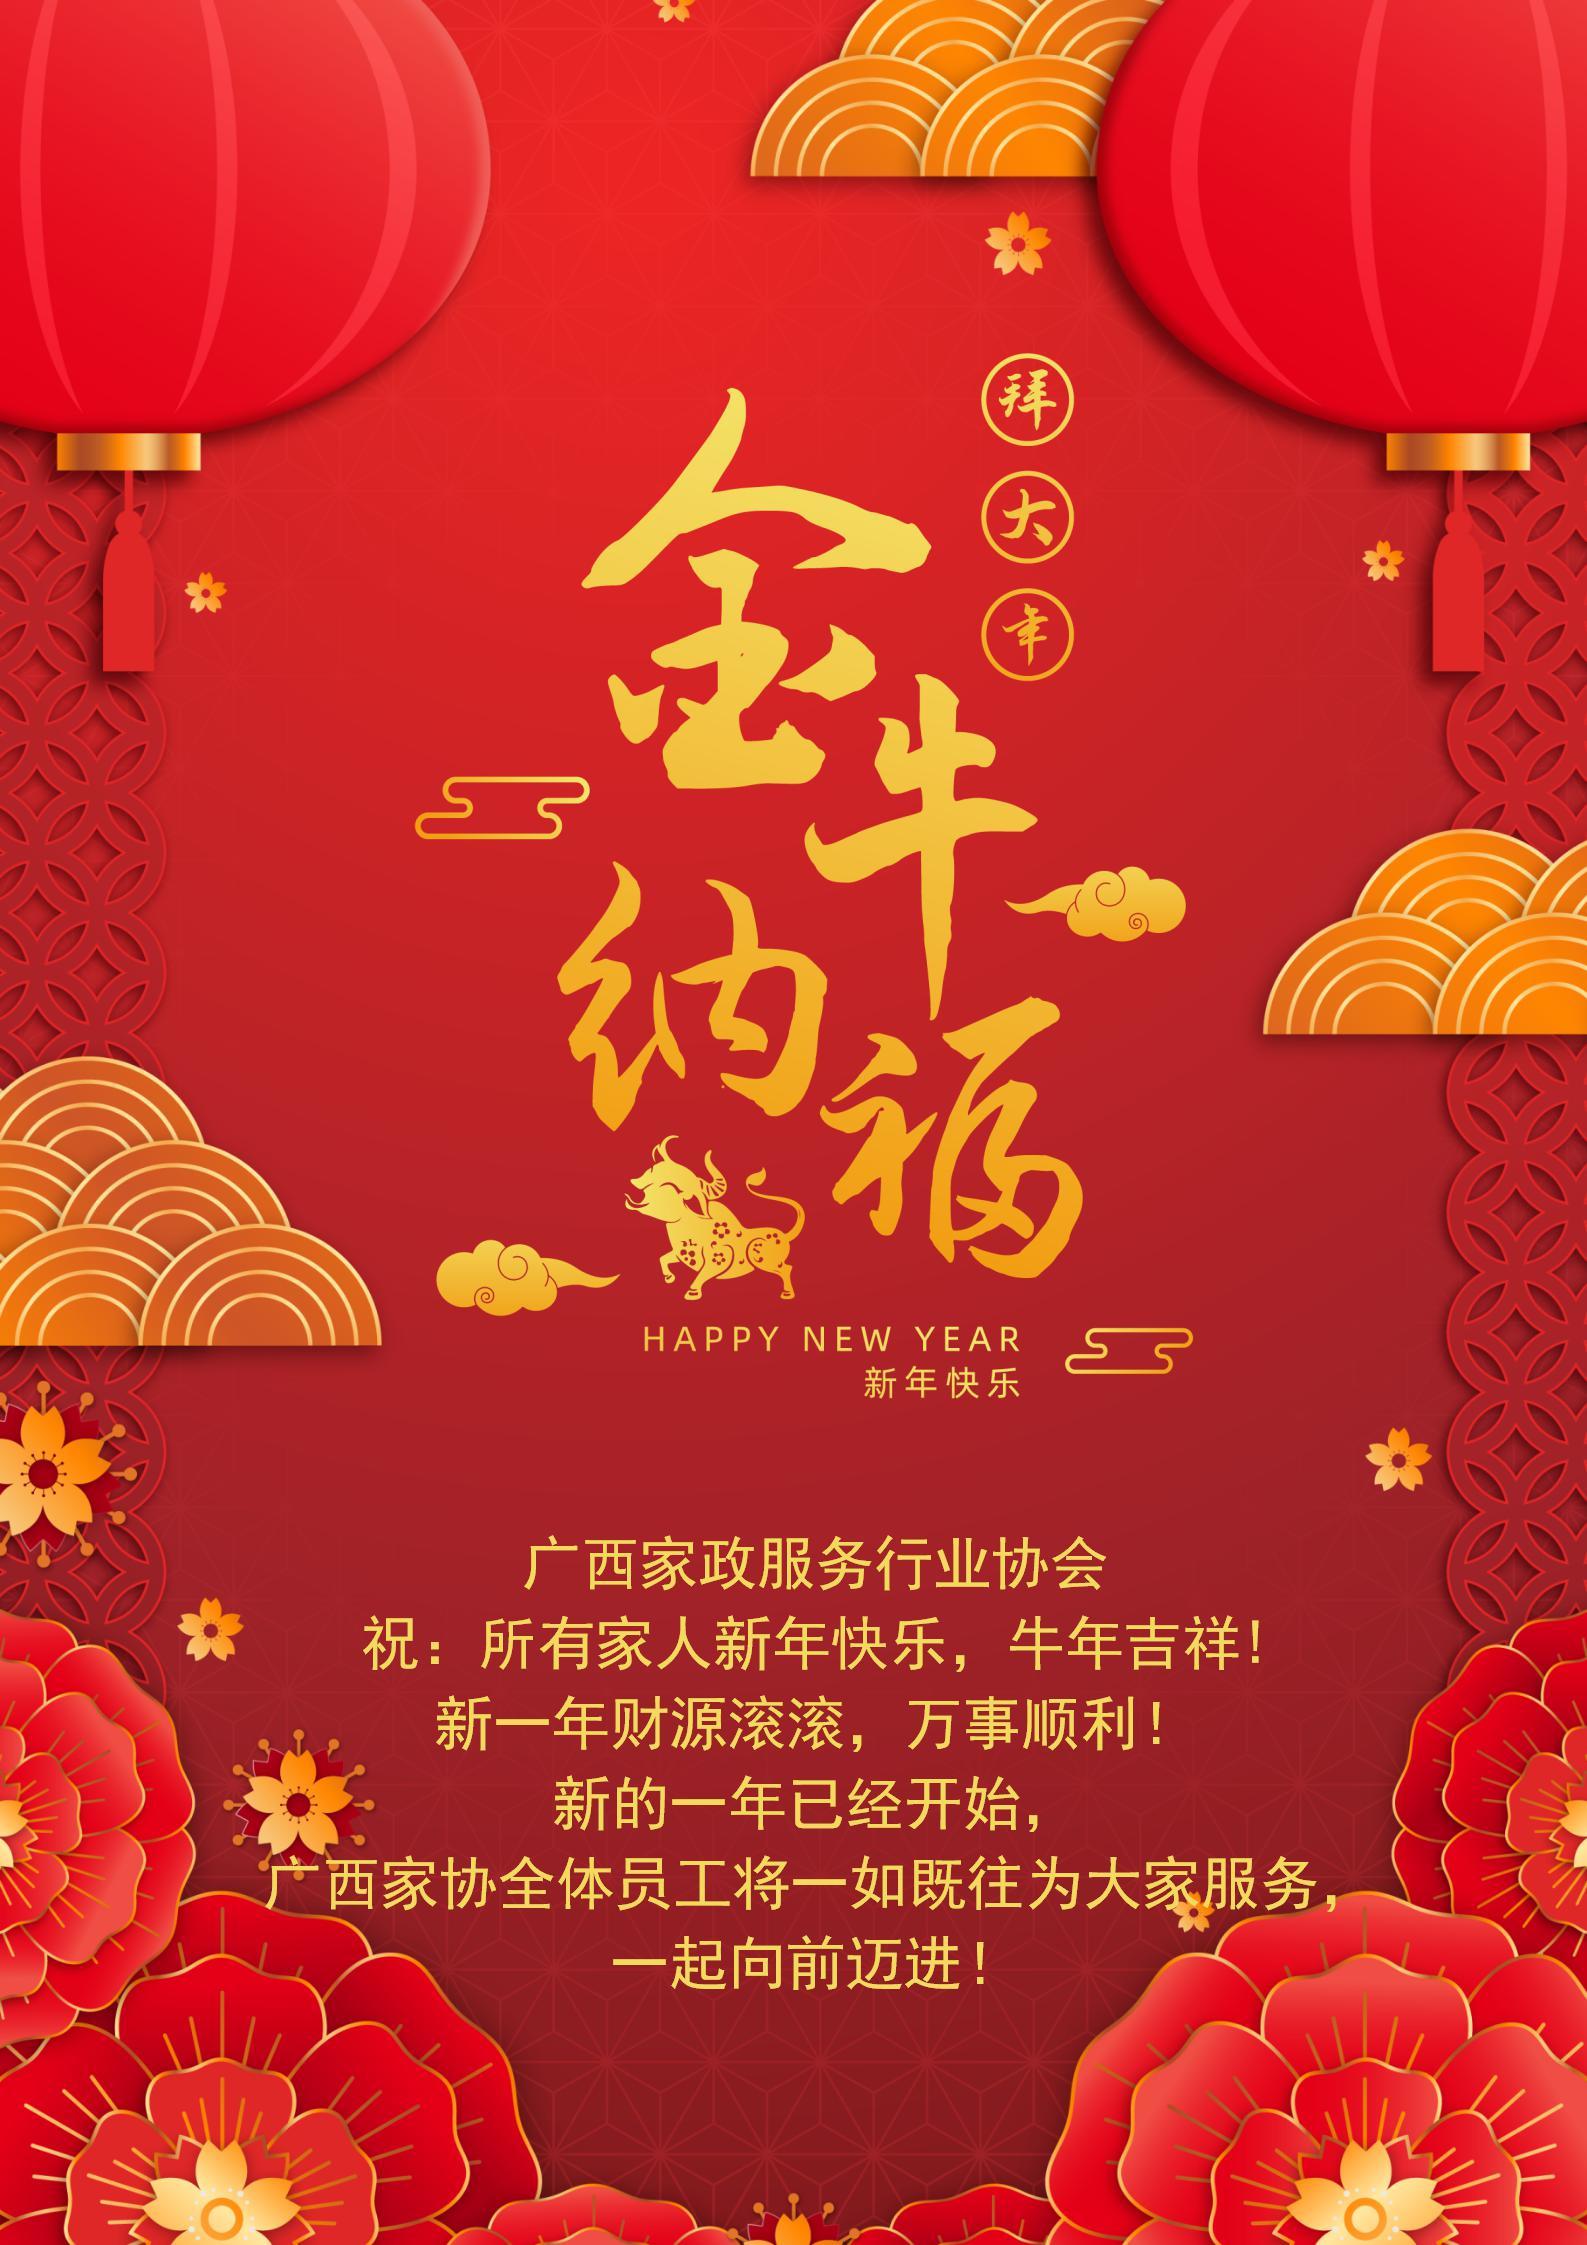 广西nba劲爆体育在线直播高清服务行业协会给大家拜年啦!